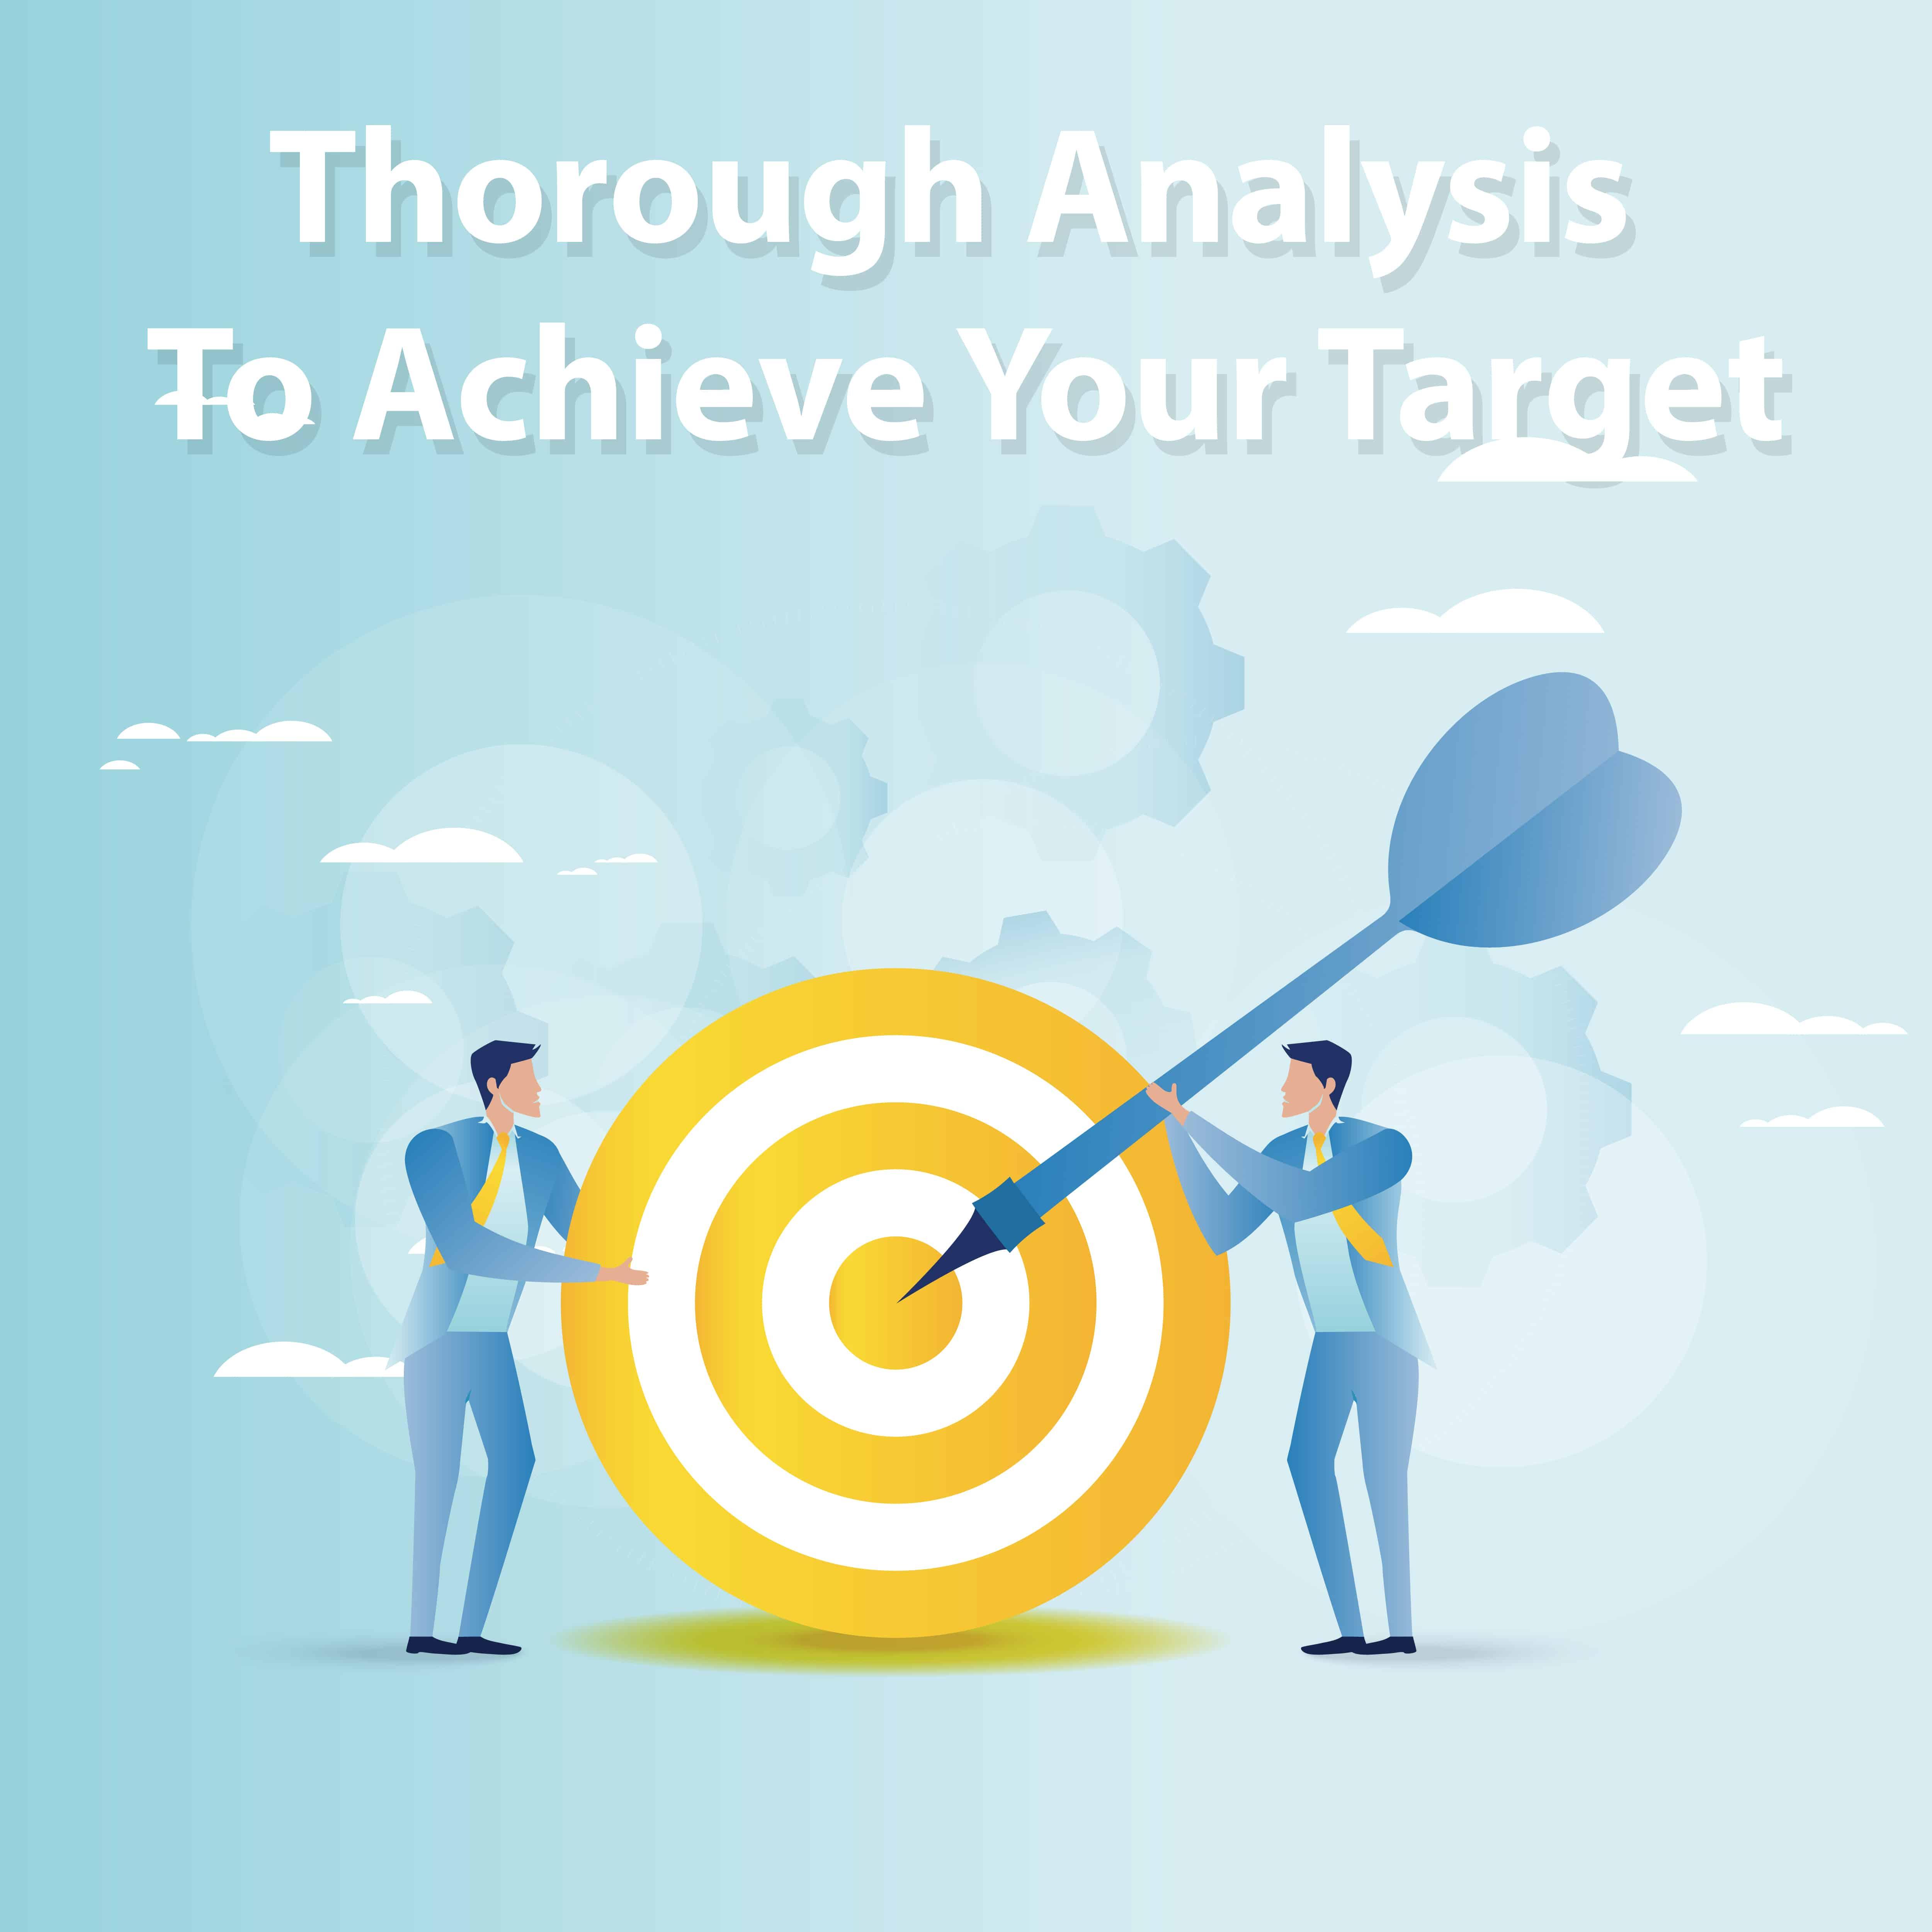 Thorough Analysis To Achieve Your Target